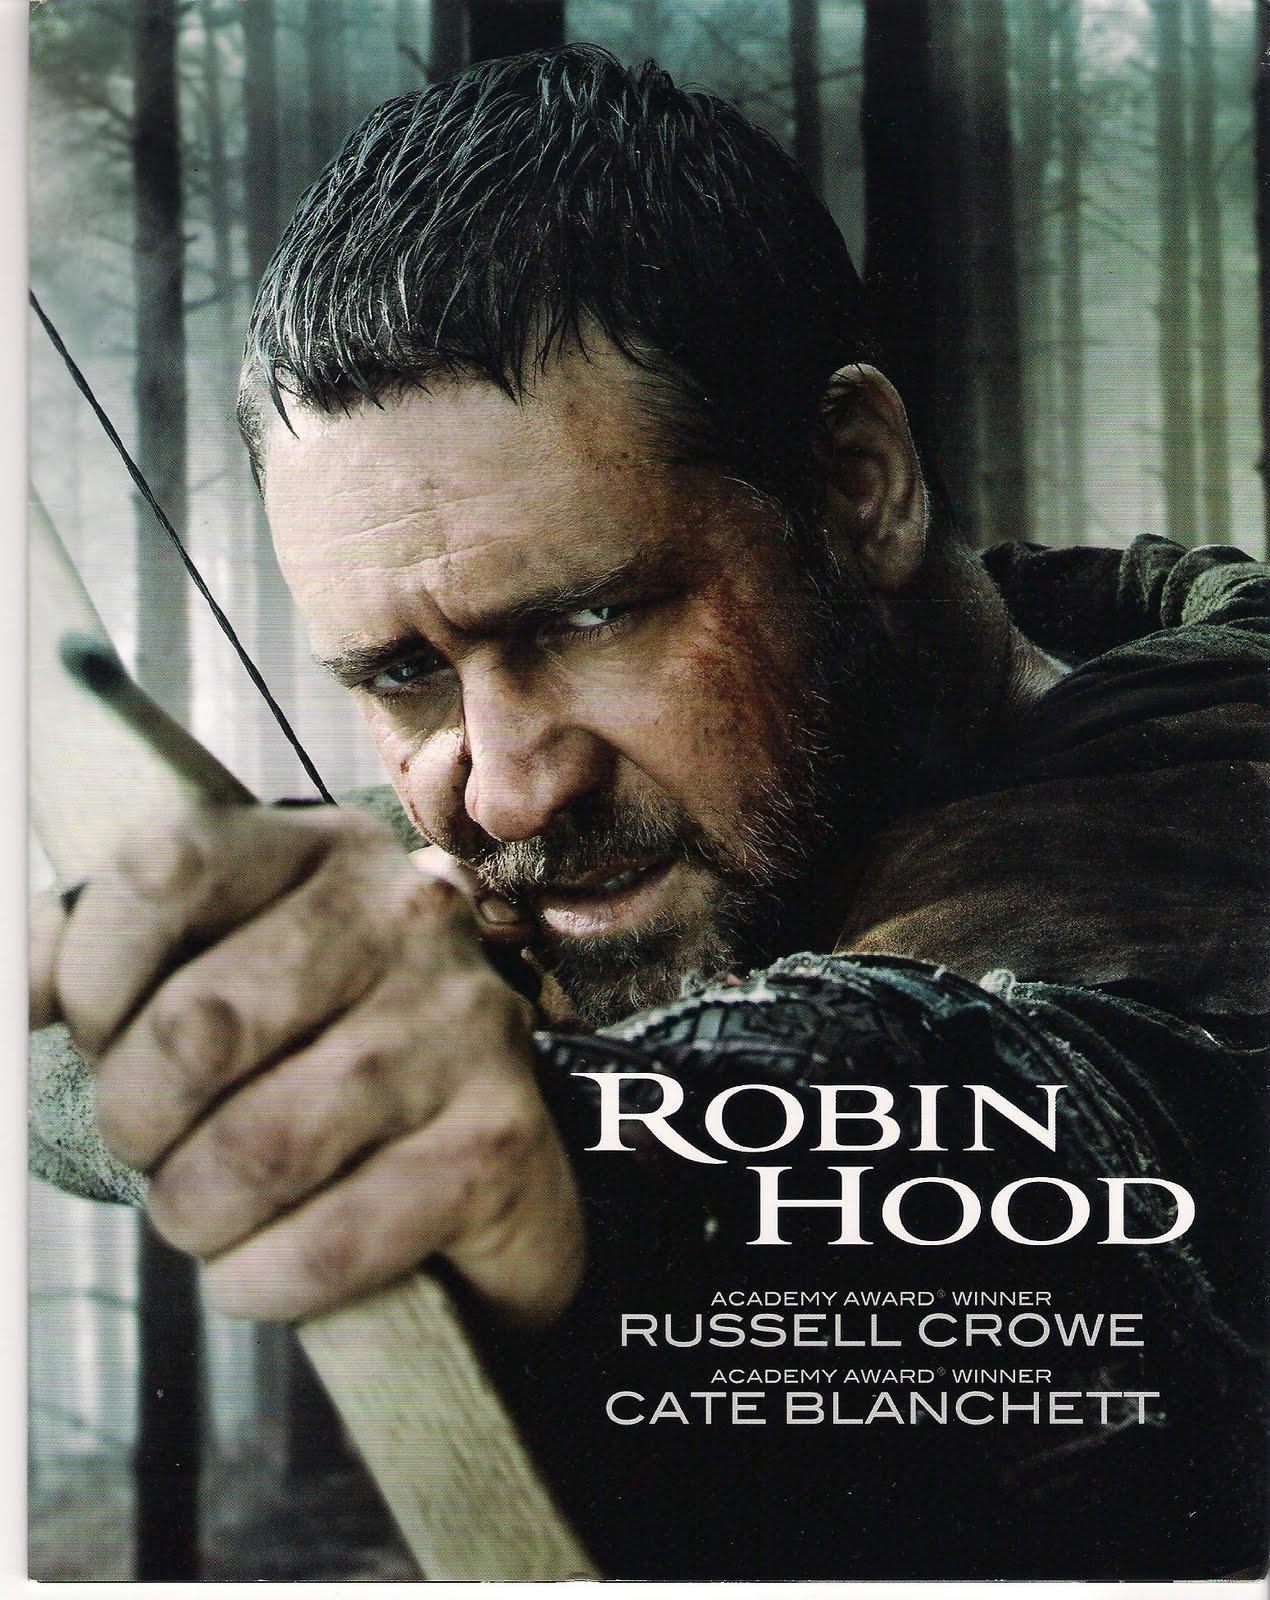 http://3.bp.blogspot.com/_nwEWIq6iCAE/S_djJRGQvTI/AAAAAAAAAec/C4C3aTdbWc4/s1600/movies+003.jpg